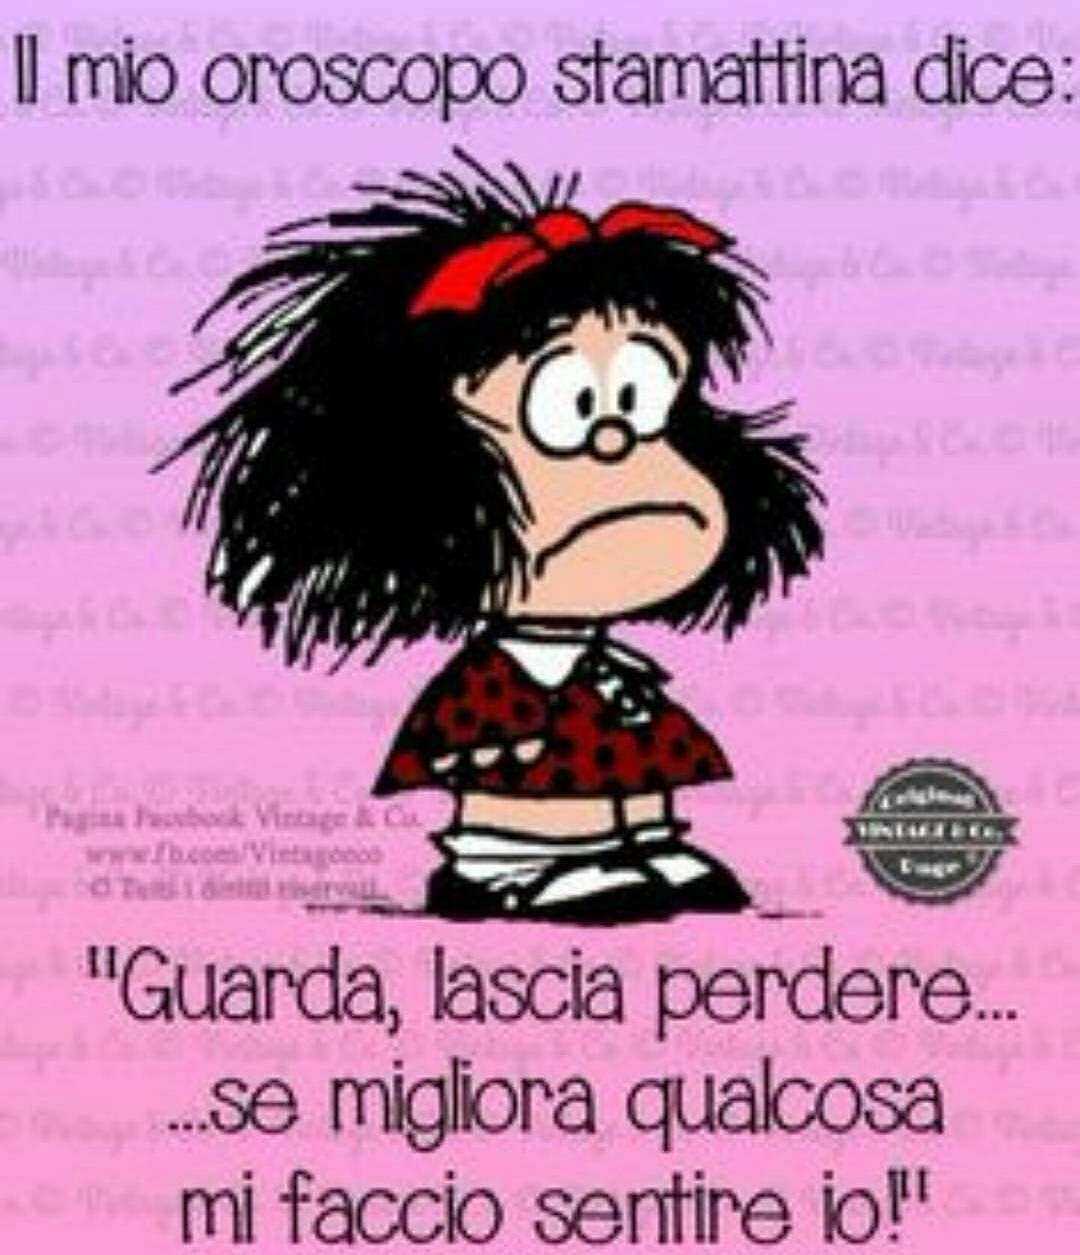 Buongiorno lunedi oroscopodelgiorno oroscopo mafalda for Vignette buongiorno divertenti